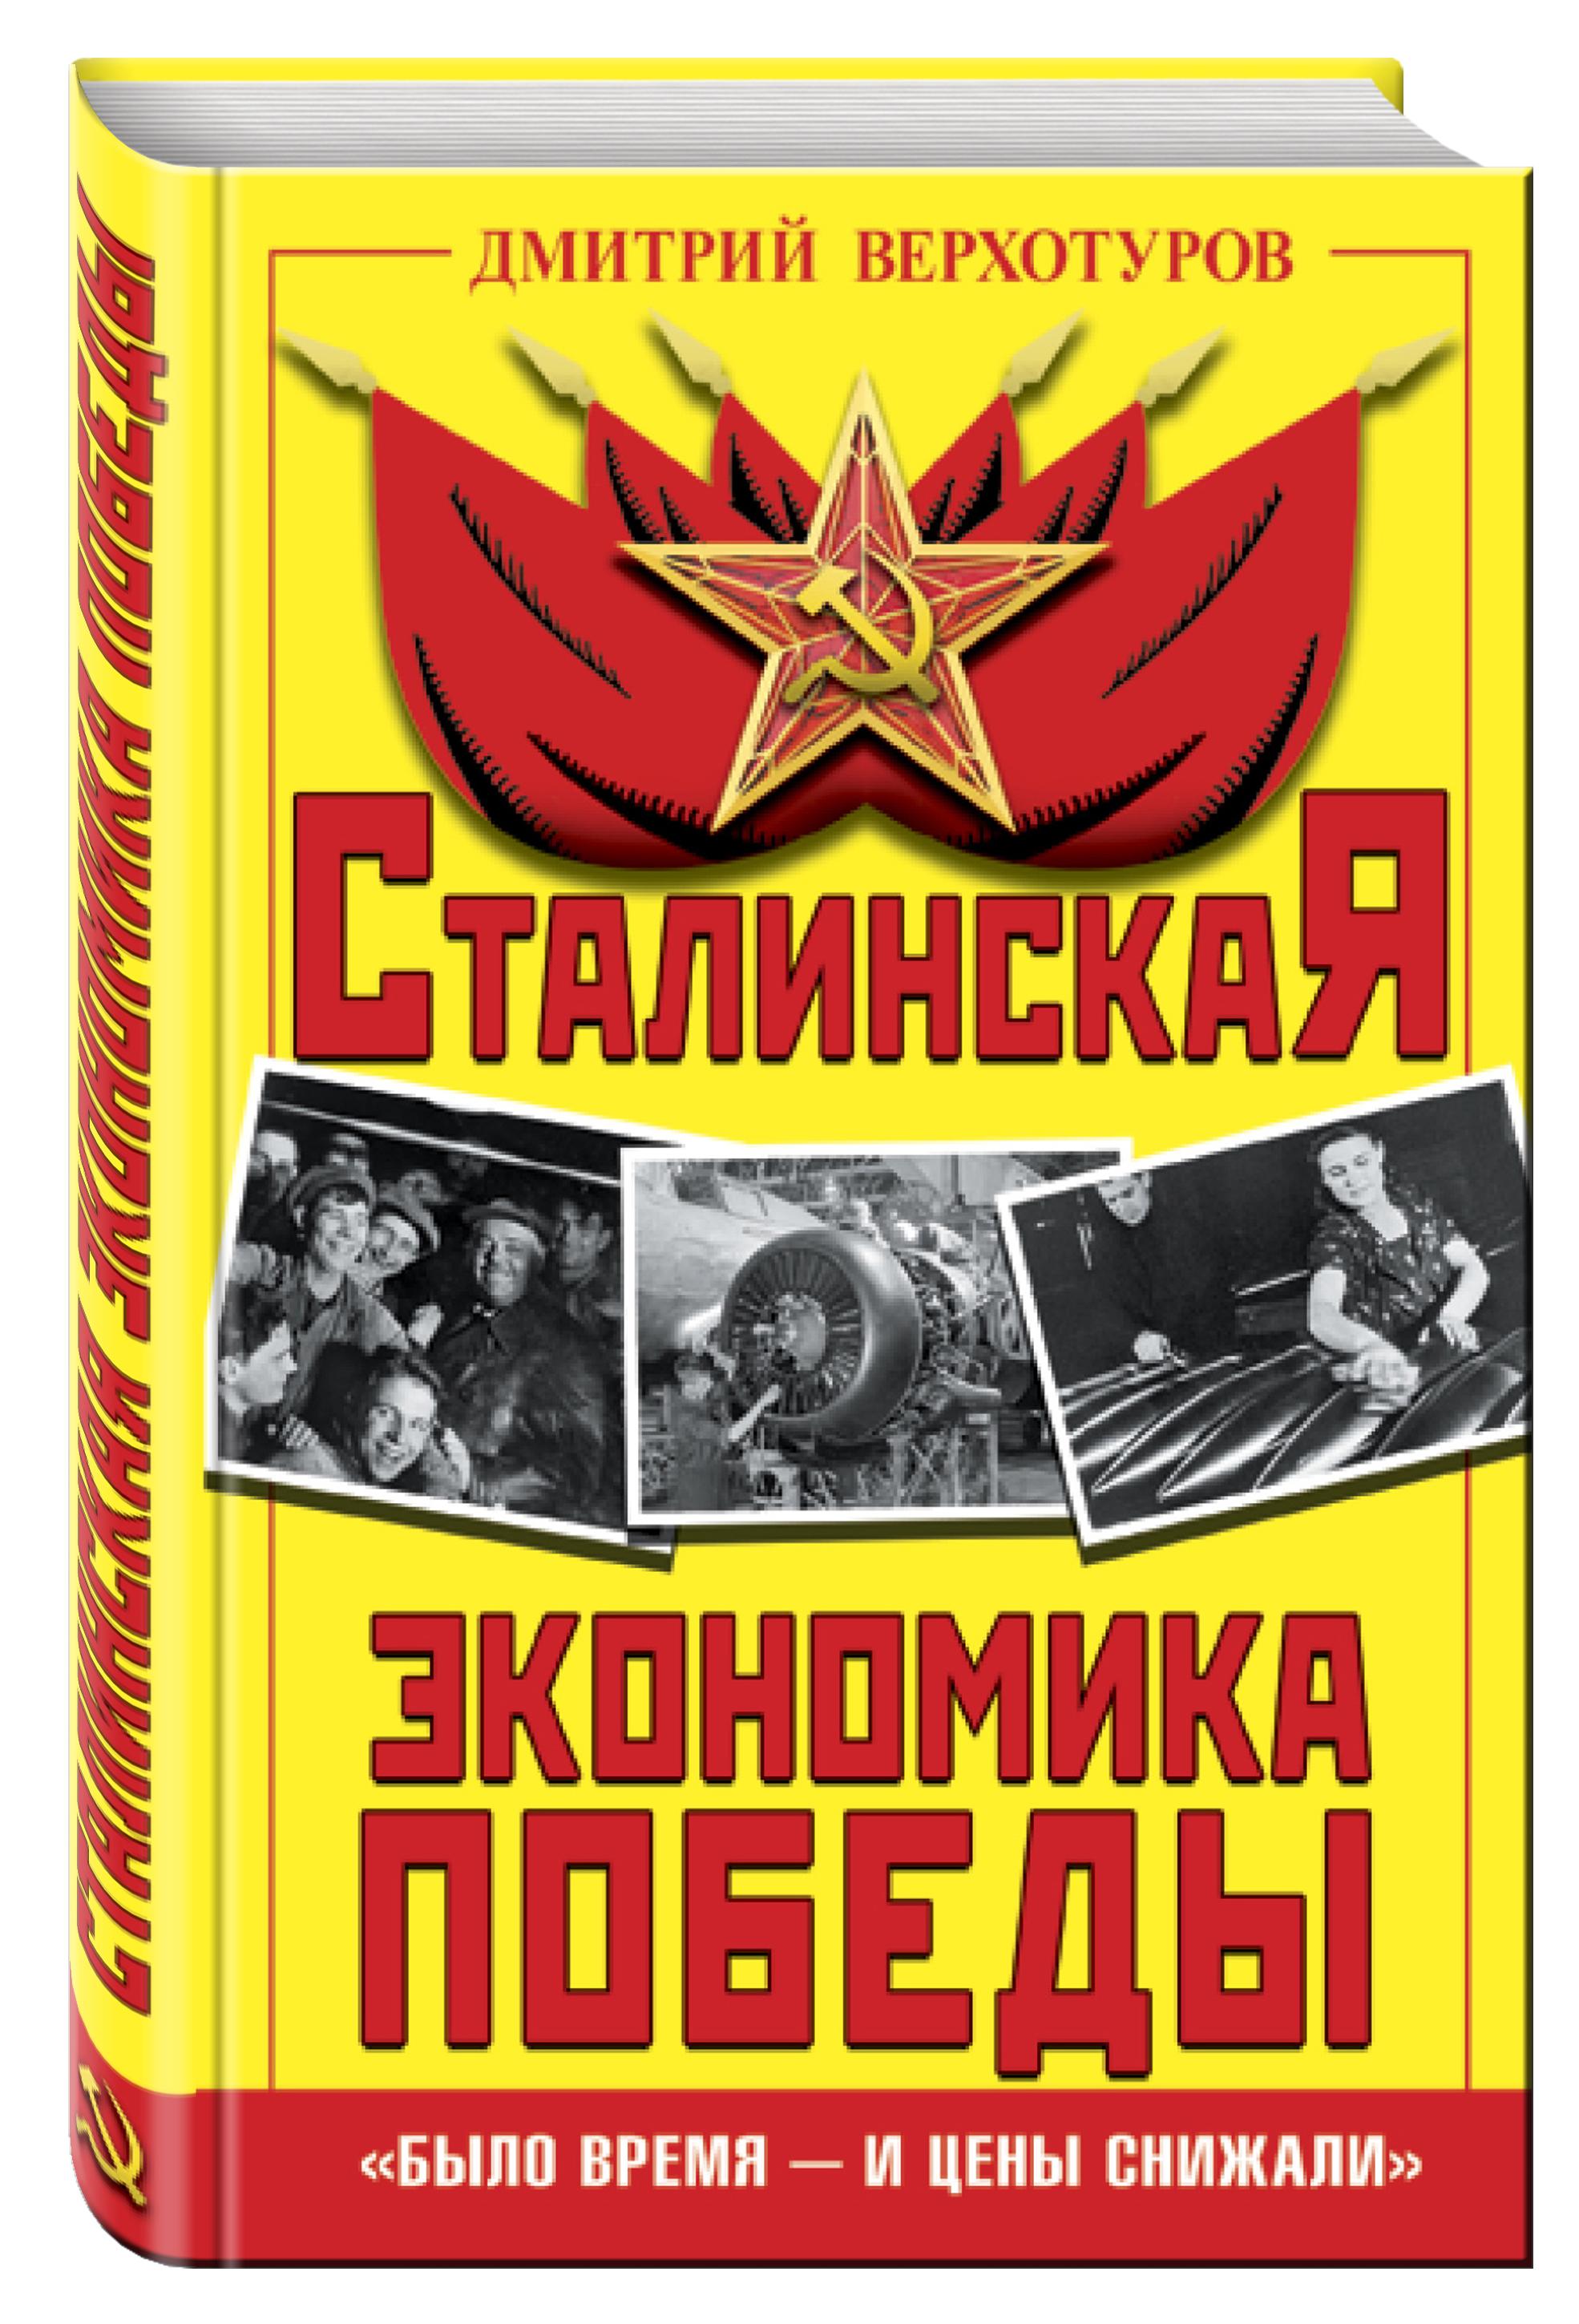 Верхотуров Д.Н. Сталинская экономика Победы. «Было время – и цены снижали» эксмо сталинская экономика победы было время и цены снижали